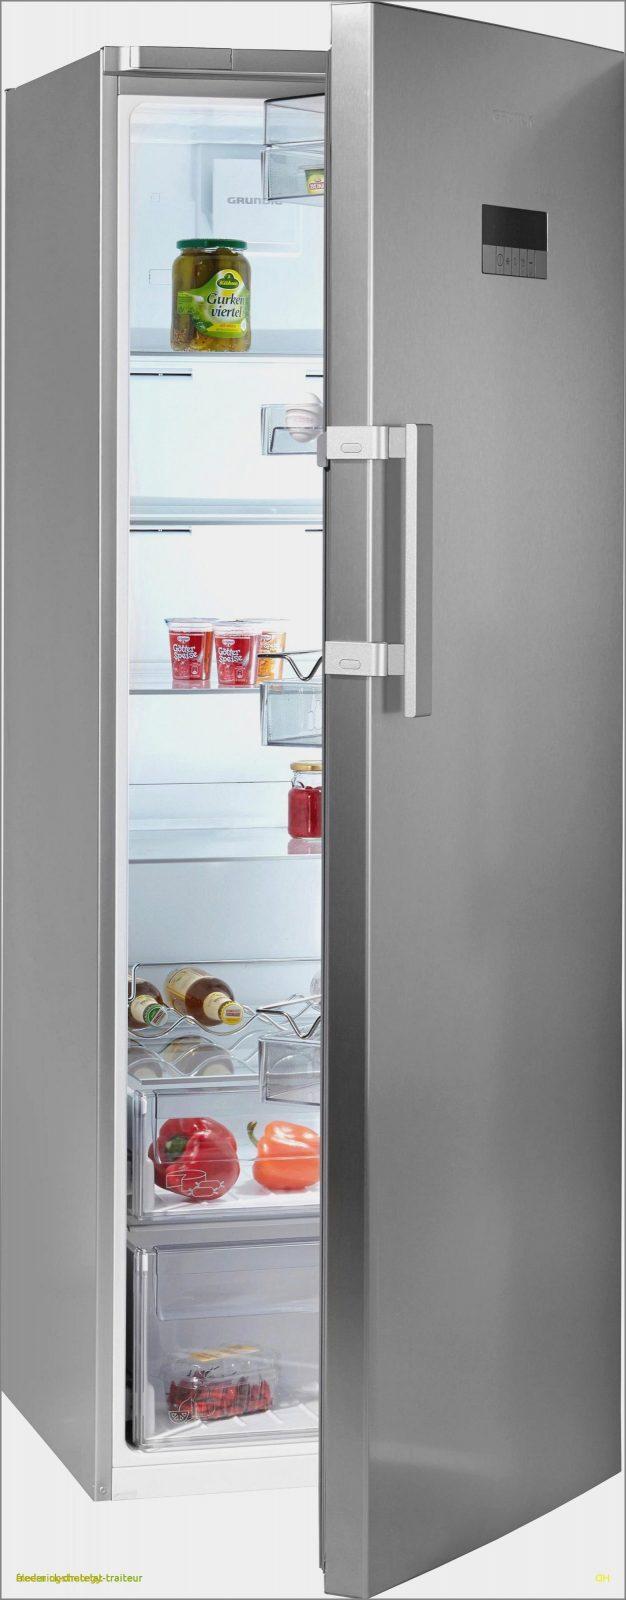 Kühlschrank Freistehend Ohne Gefrierfach  Ccpserbia von Kühlschrank Ohne Gefrierfach Freistehend Photo